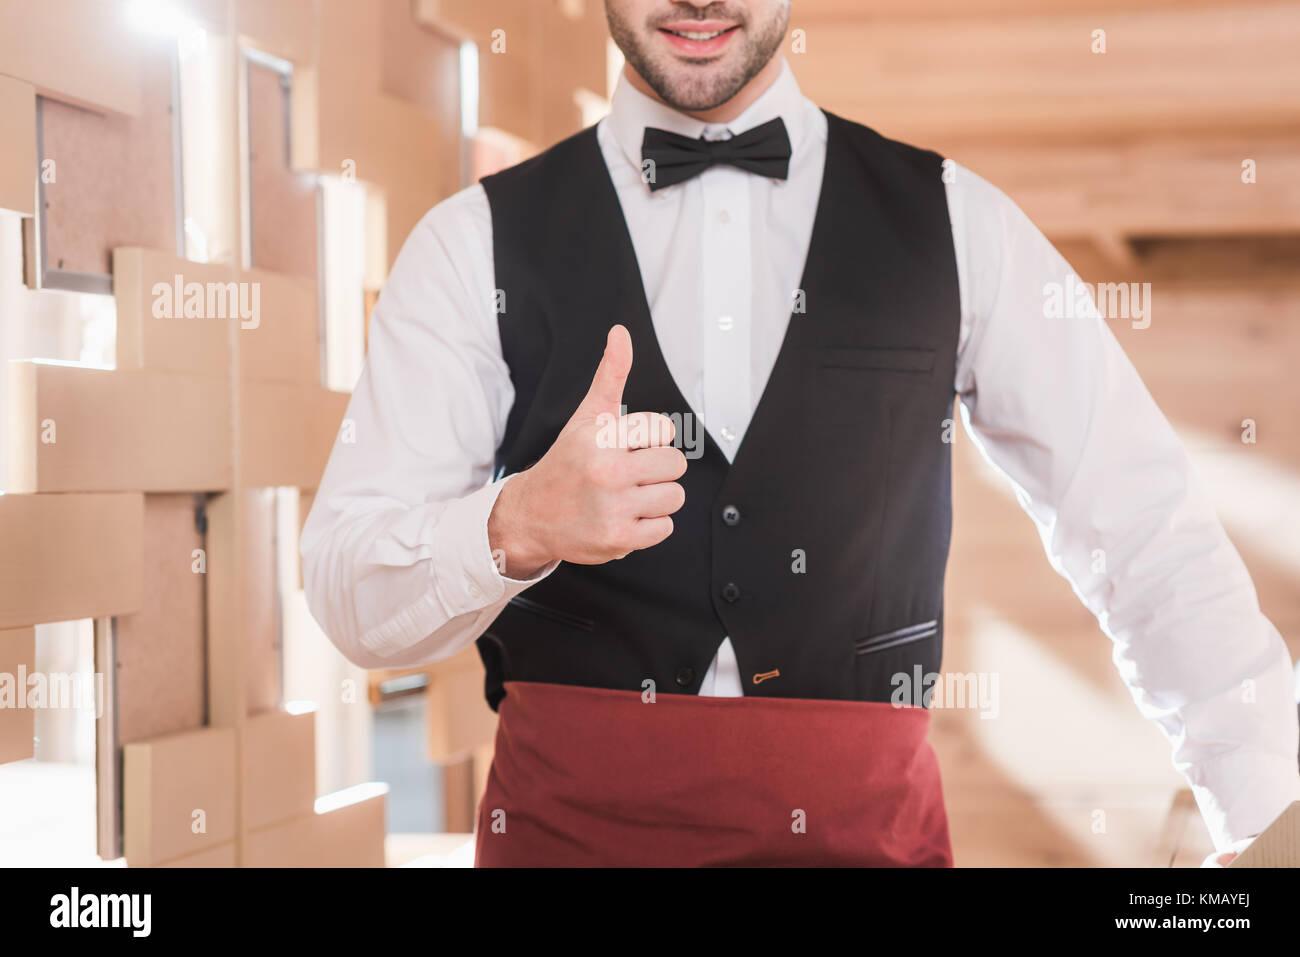 Camarero mostrando pulgar arriba Imagen De Stock